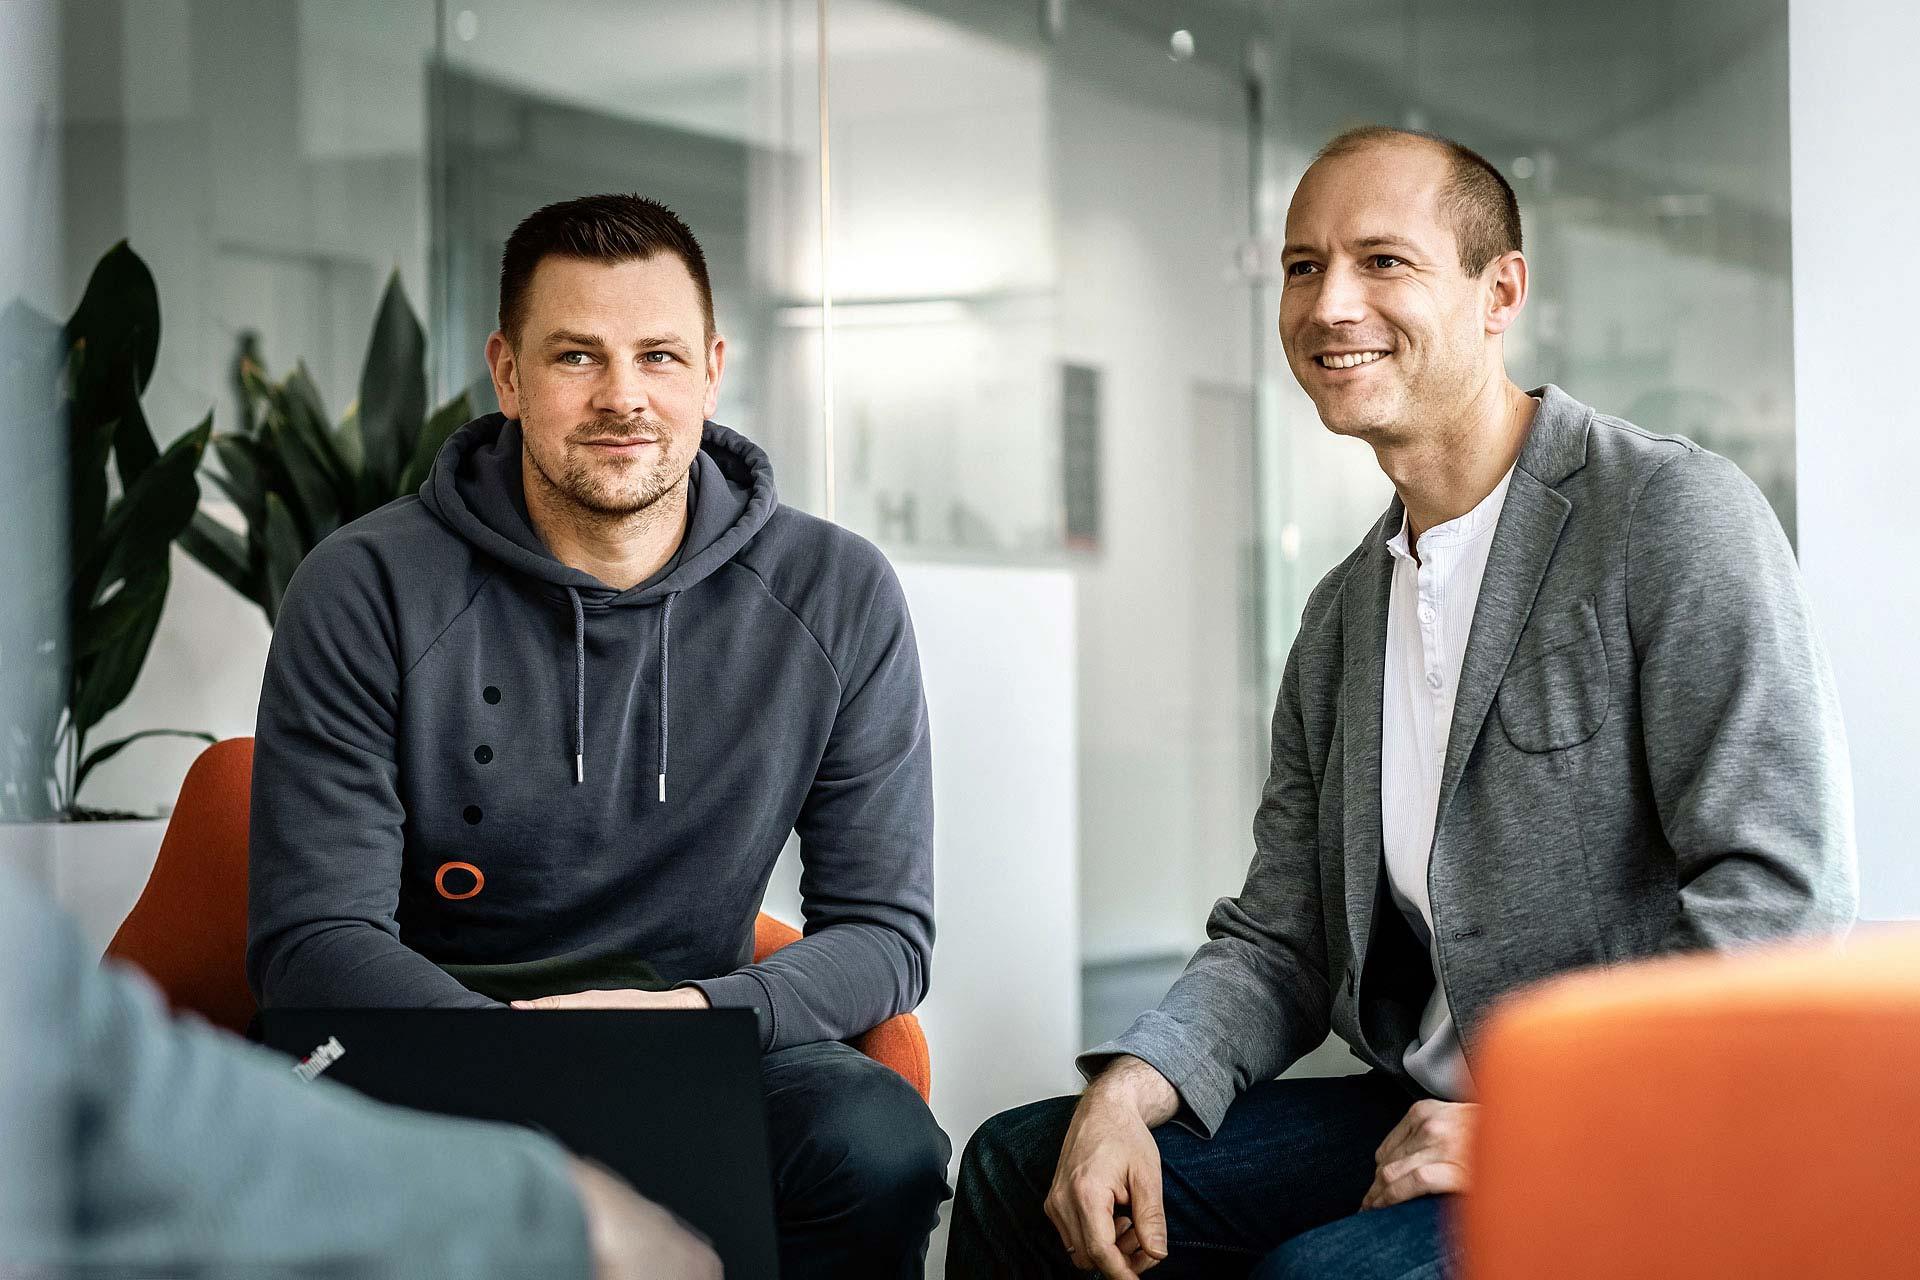 businessfotos-berlin-teams-besprechung-IT-